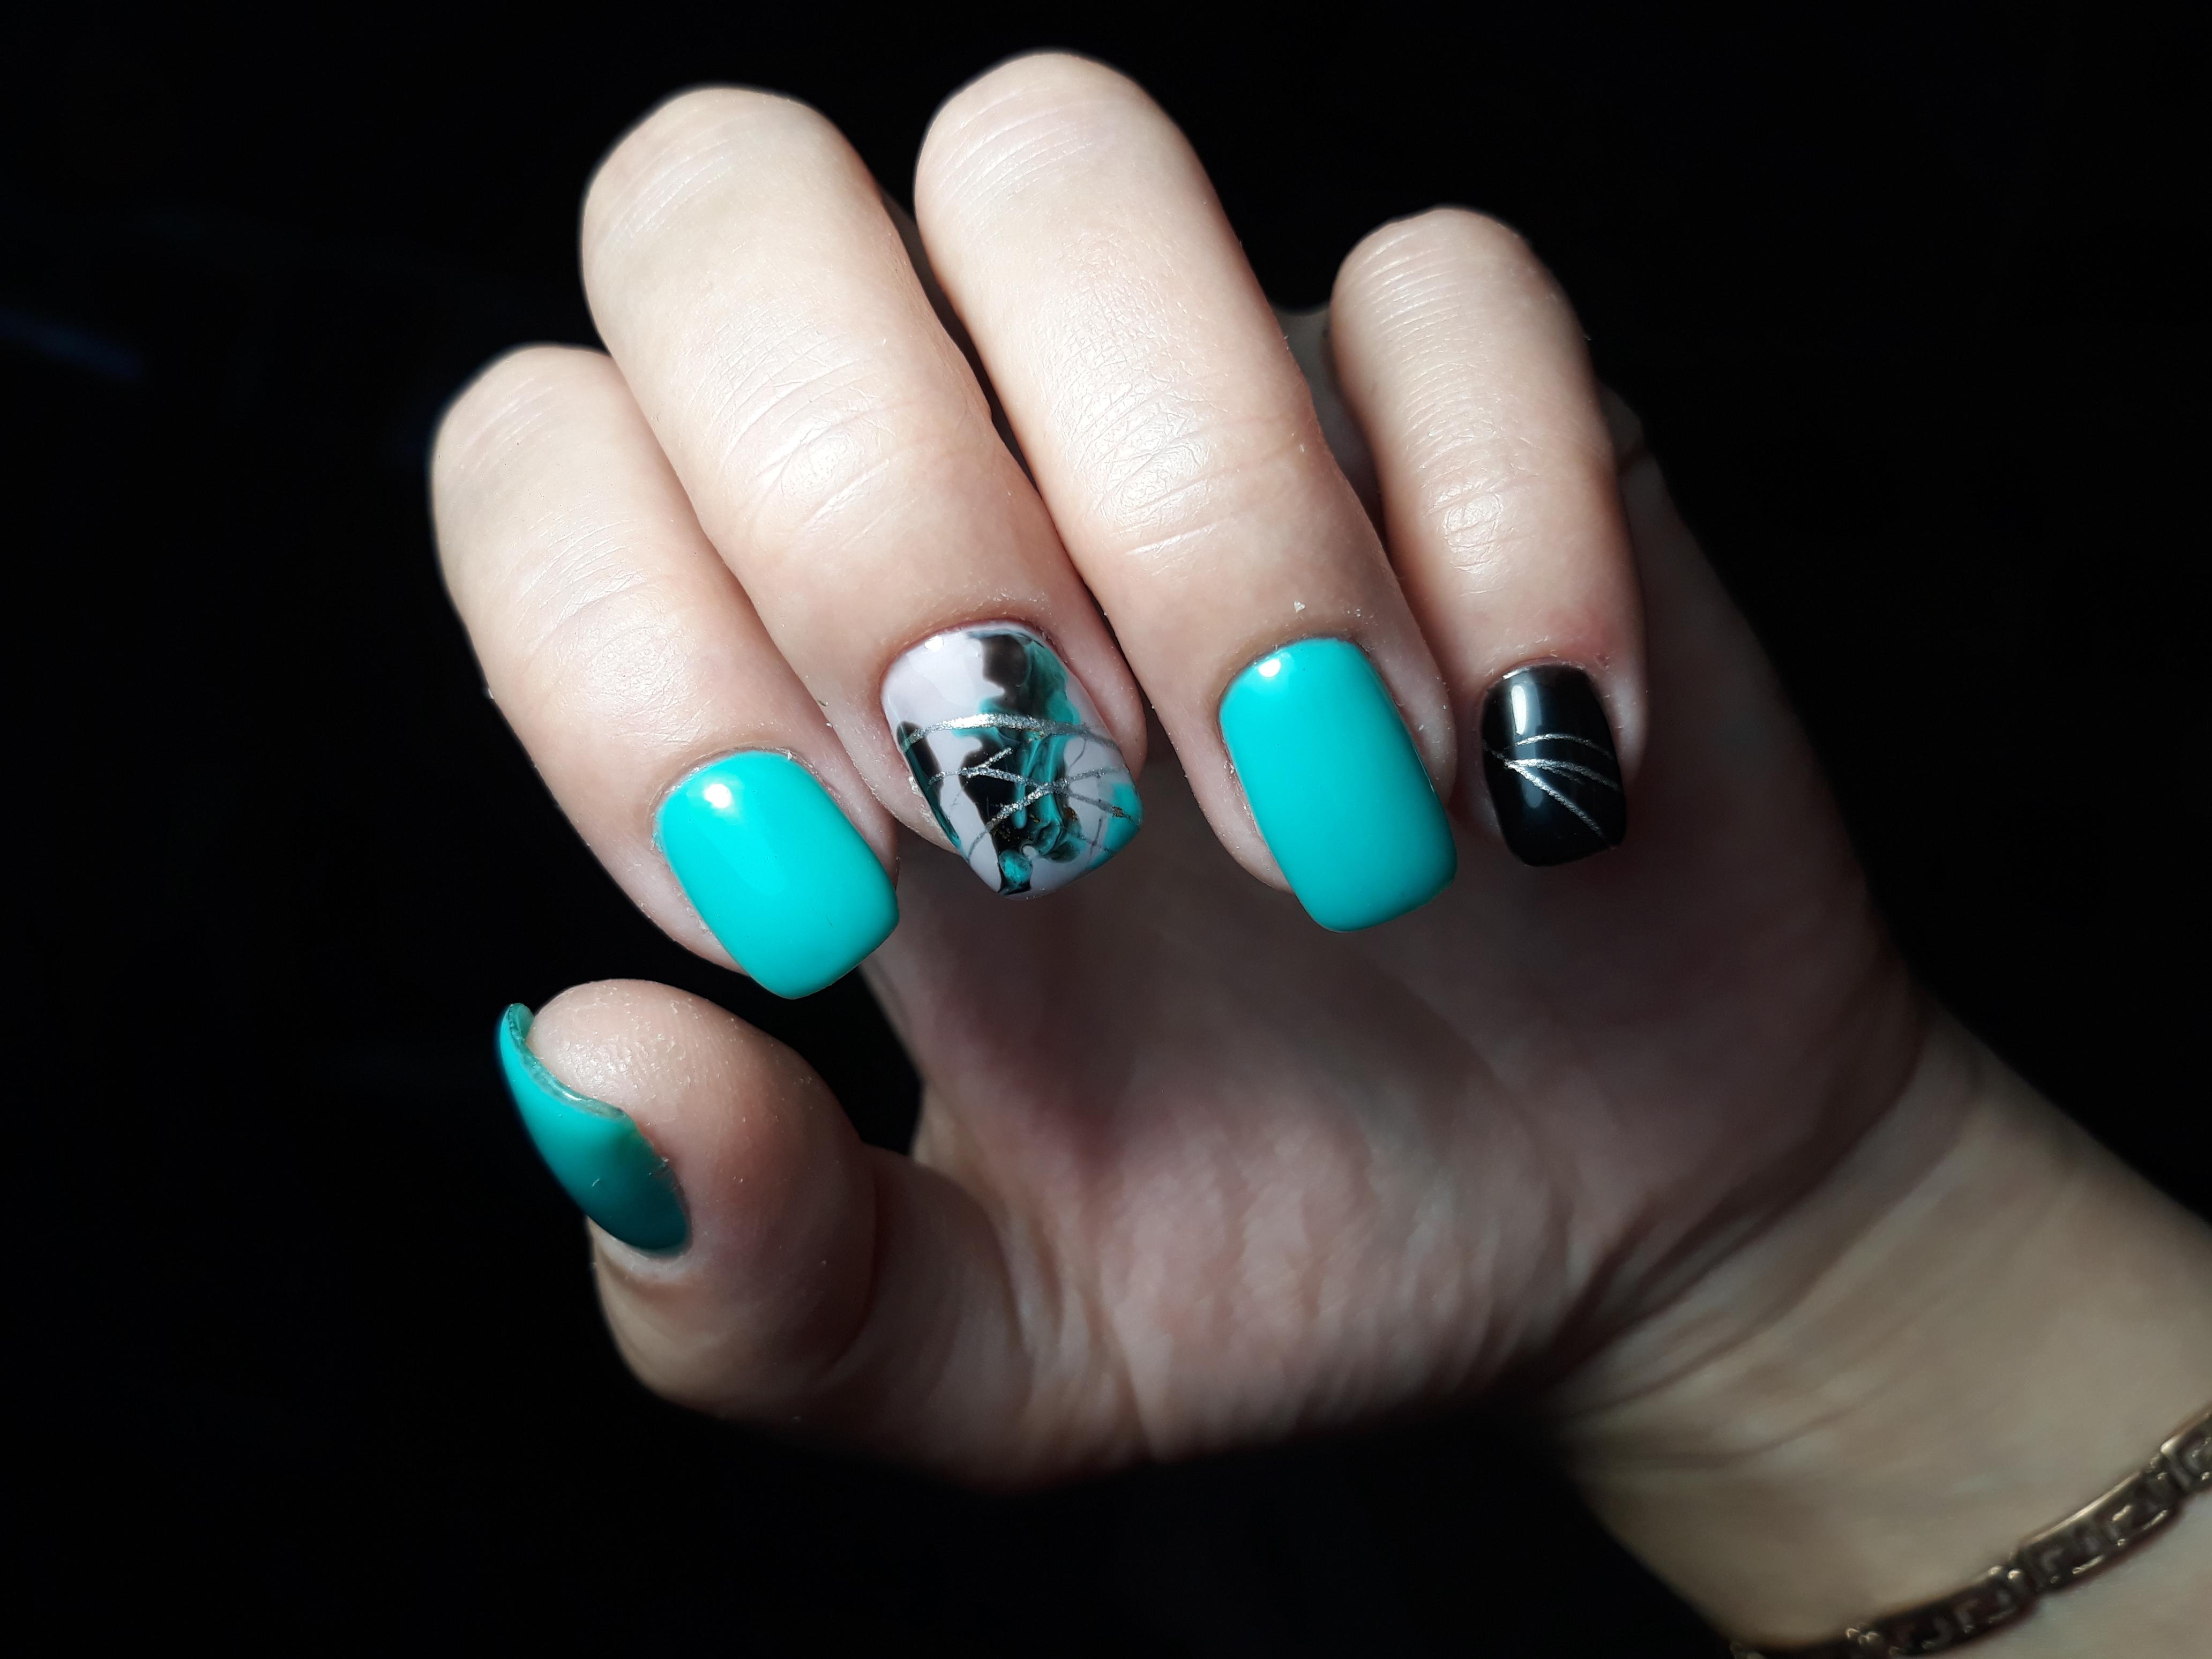 Маникюр с абстрактным рисунком и паутинкой в бирюзовом цвете на короткие ногти.